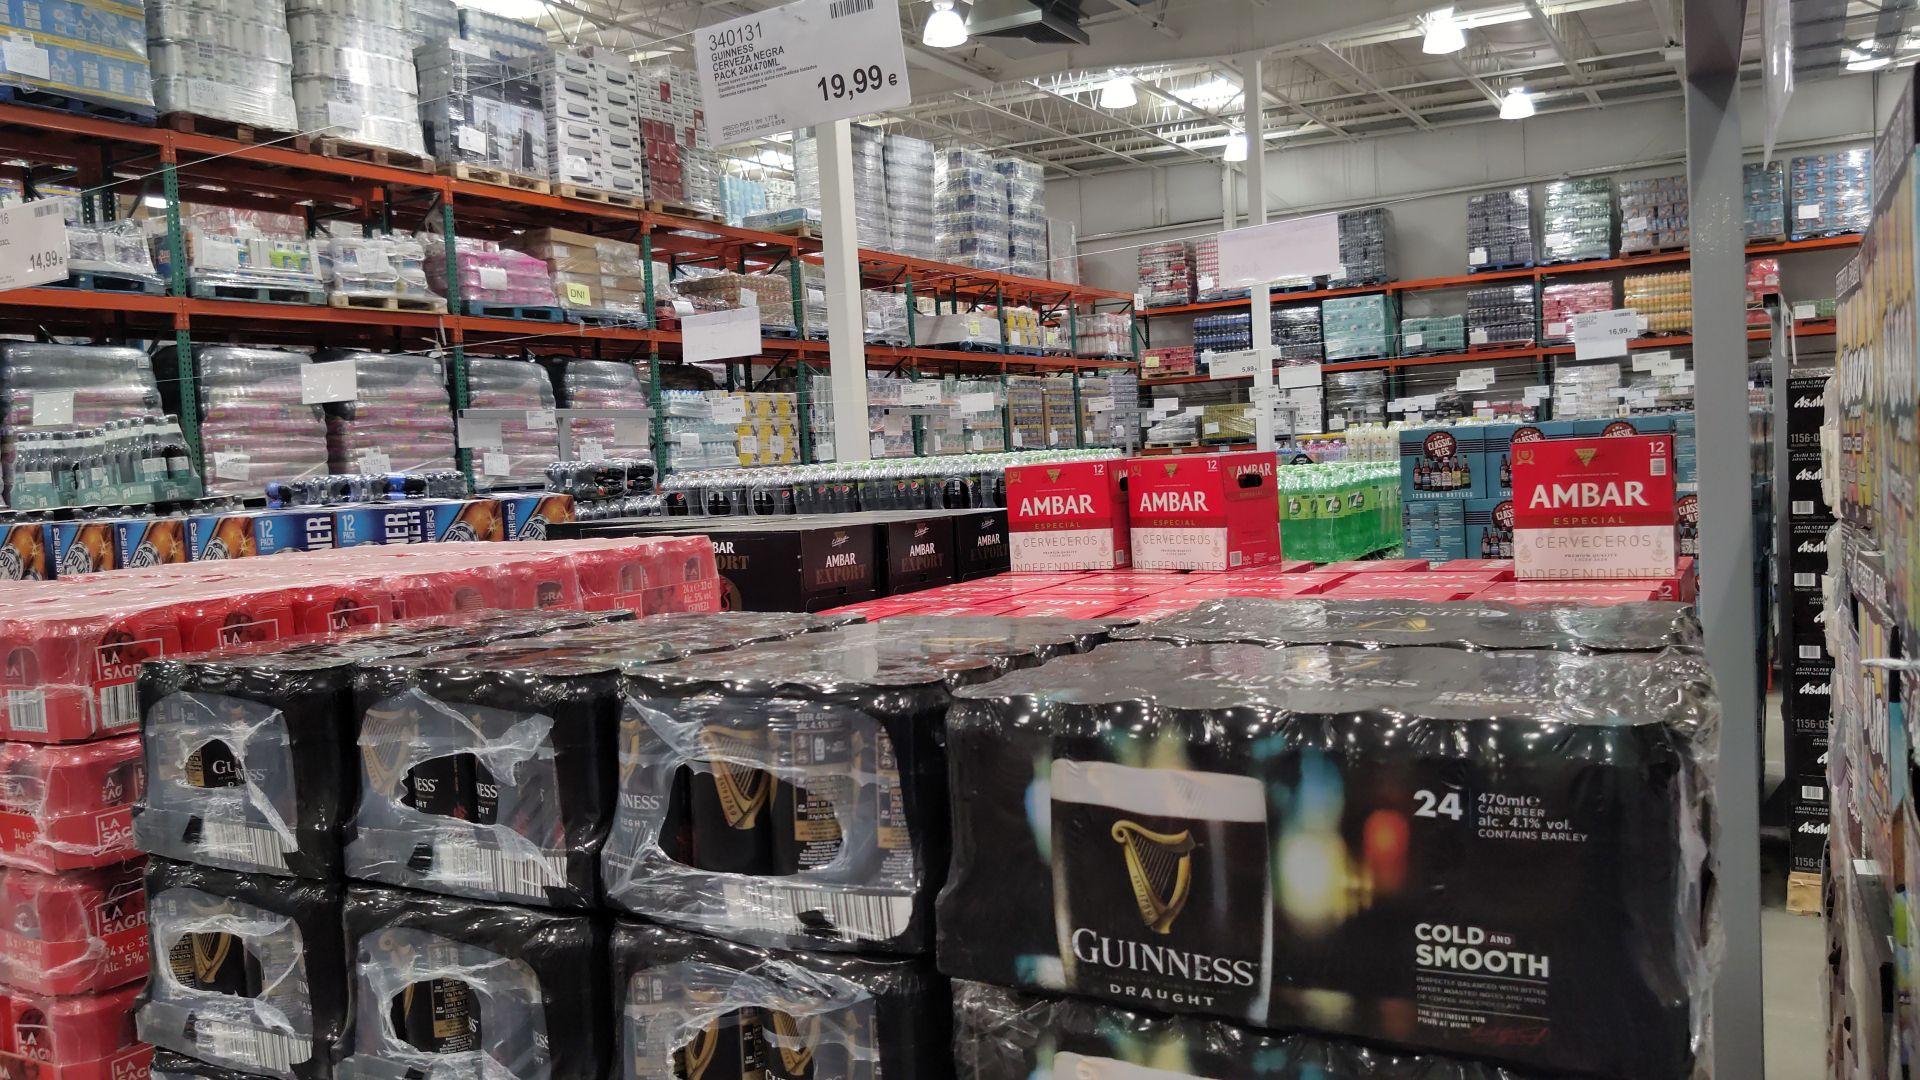 Cerveza Guinness a 0.83 lata, pack de 24